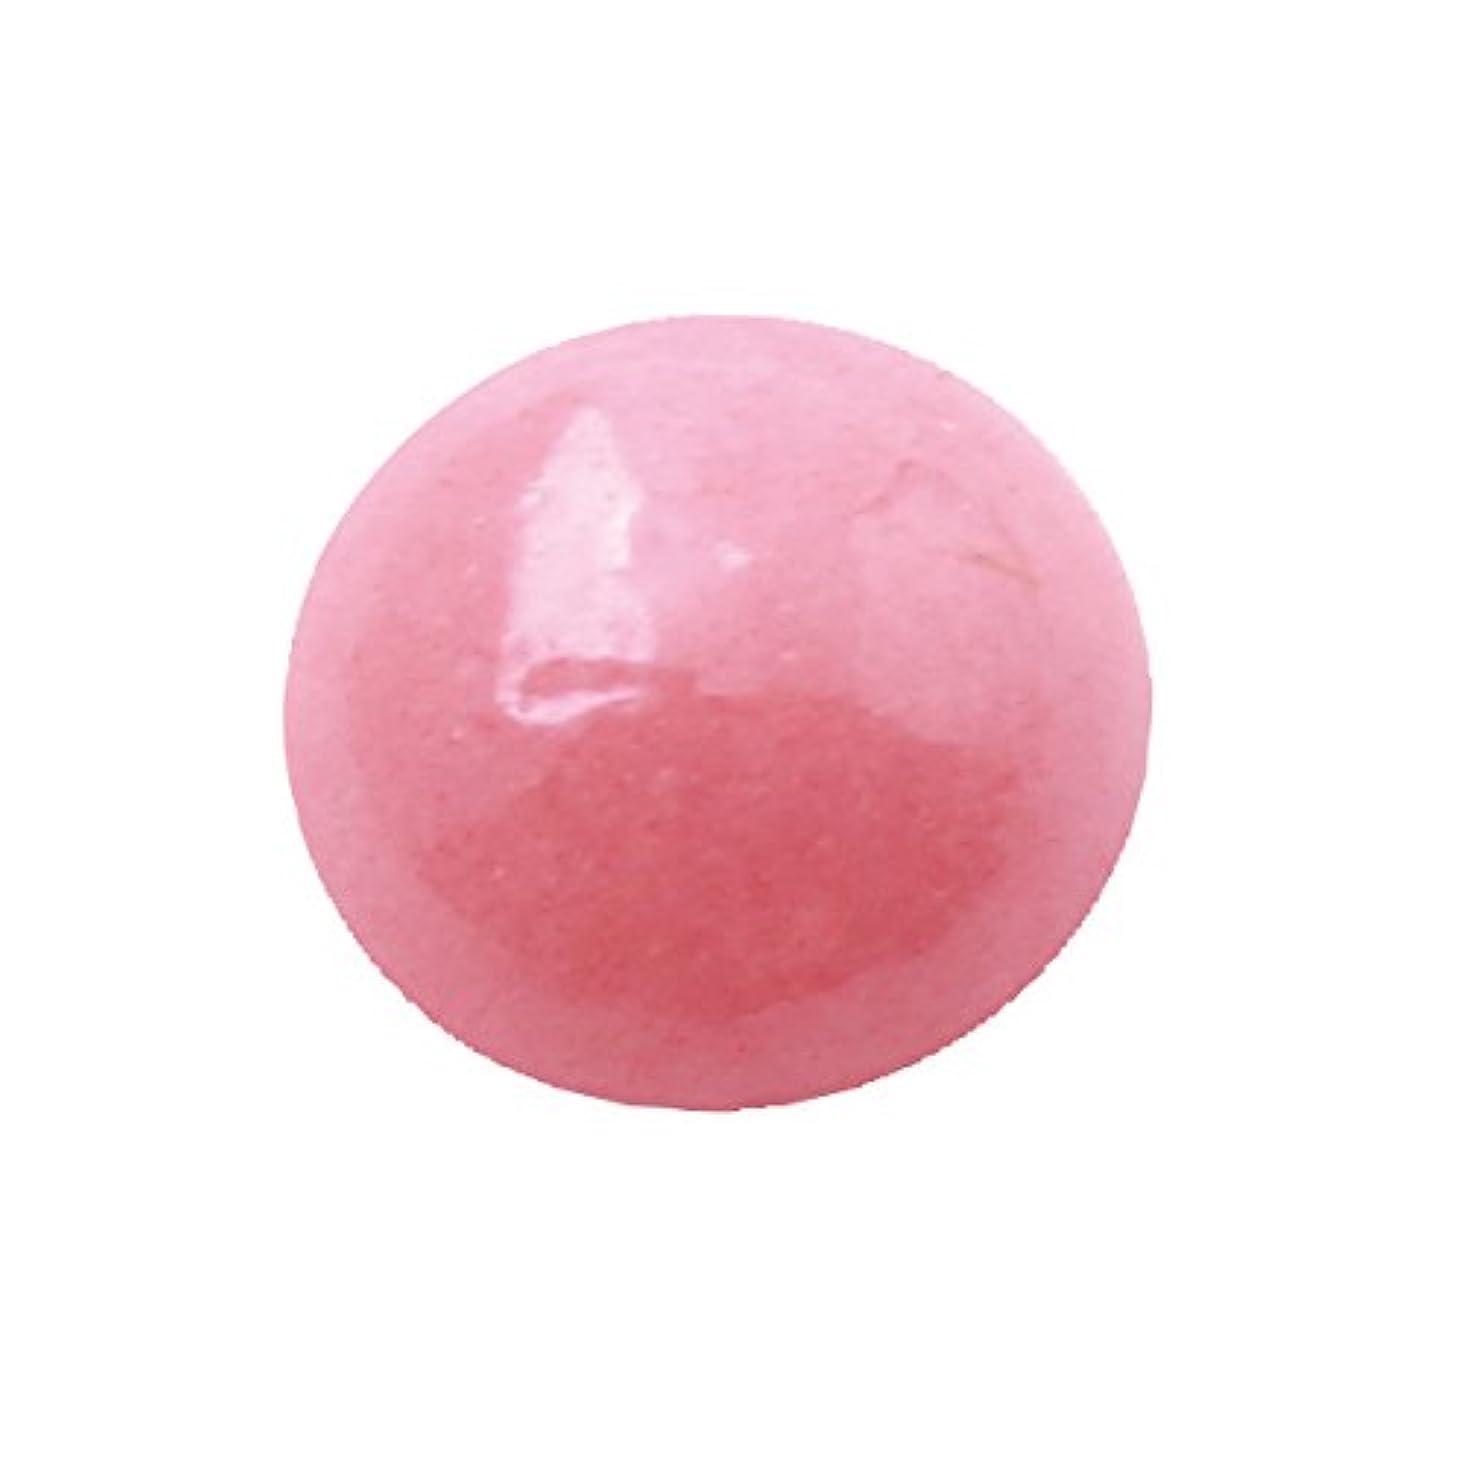 エントリ荷物測定可能グラスパールラウンド 2mm(各50個)(ストーン ネイルアート ネイル用品)ピンク